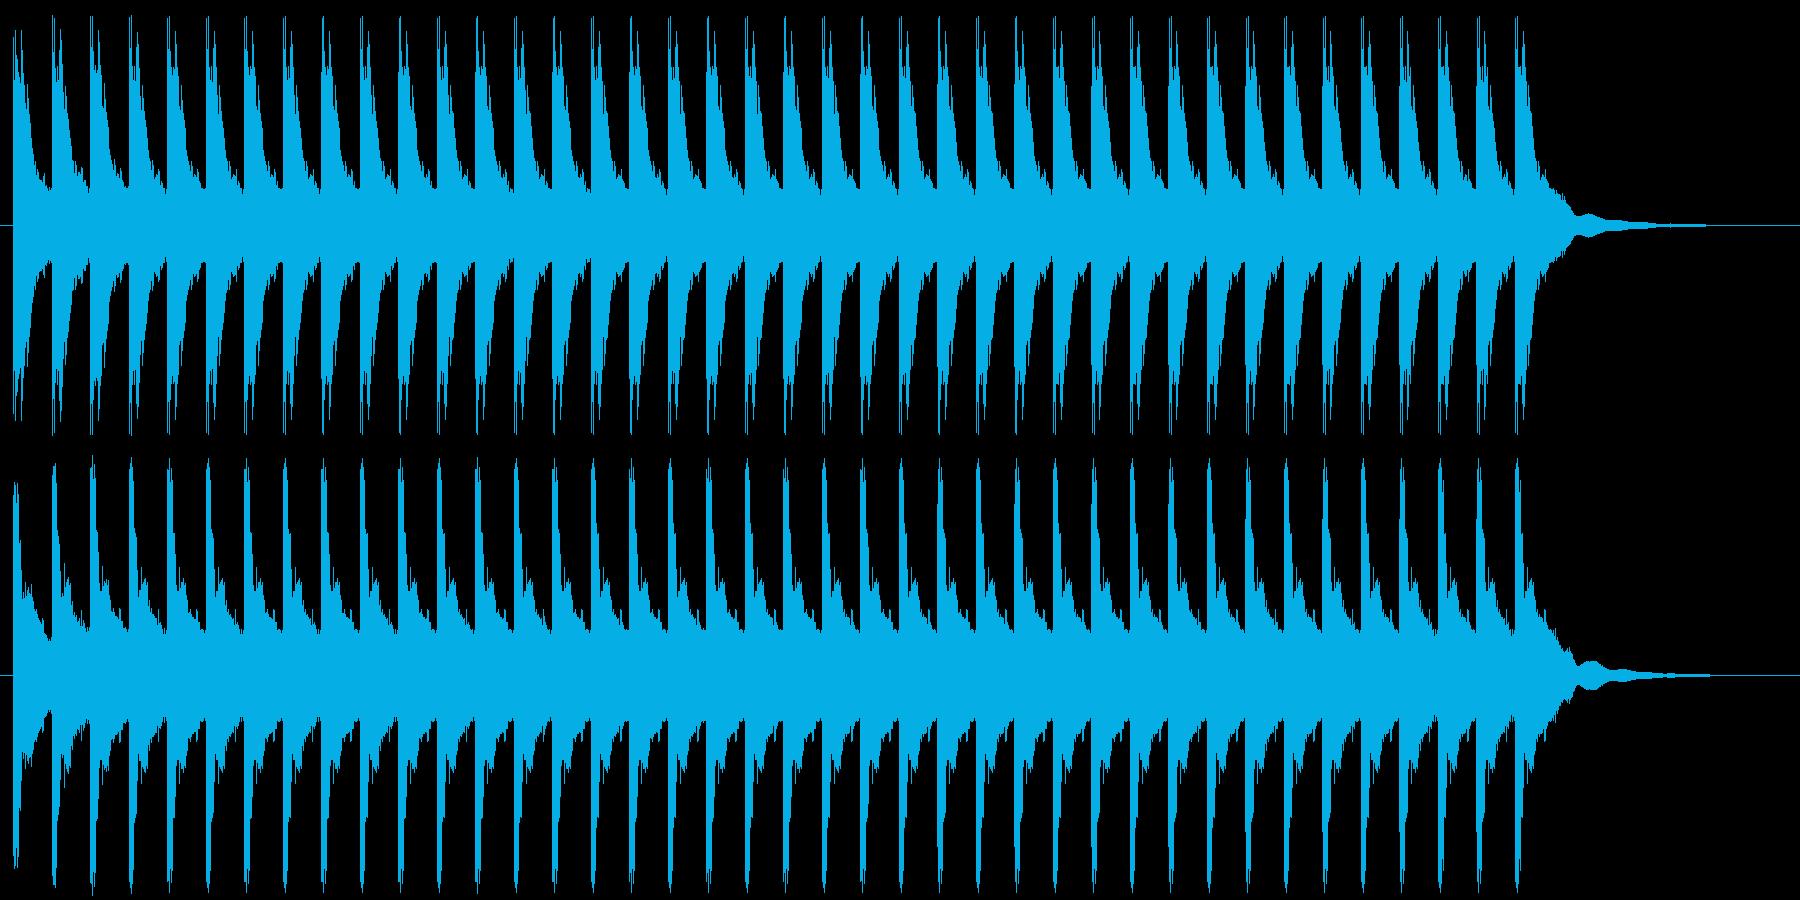 教会の鐘 タイプBの再生済みの波形